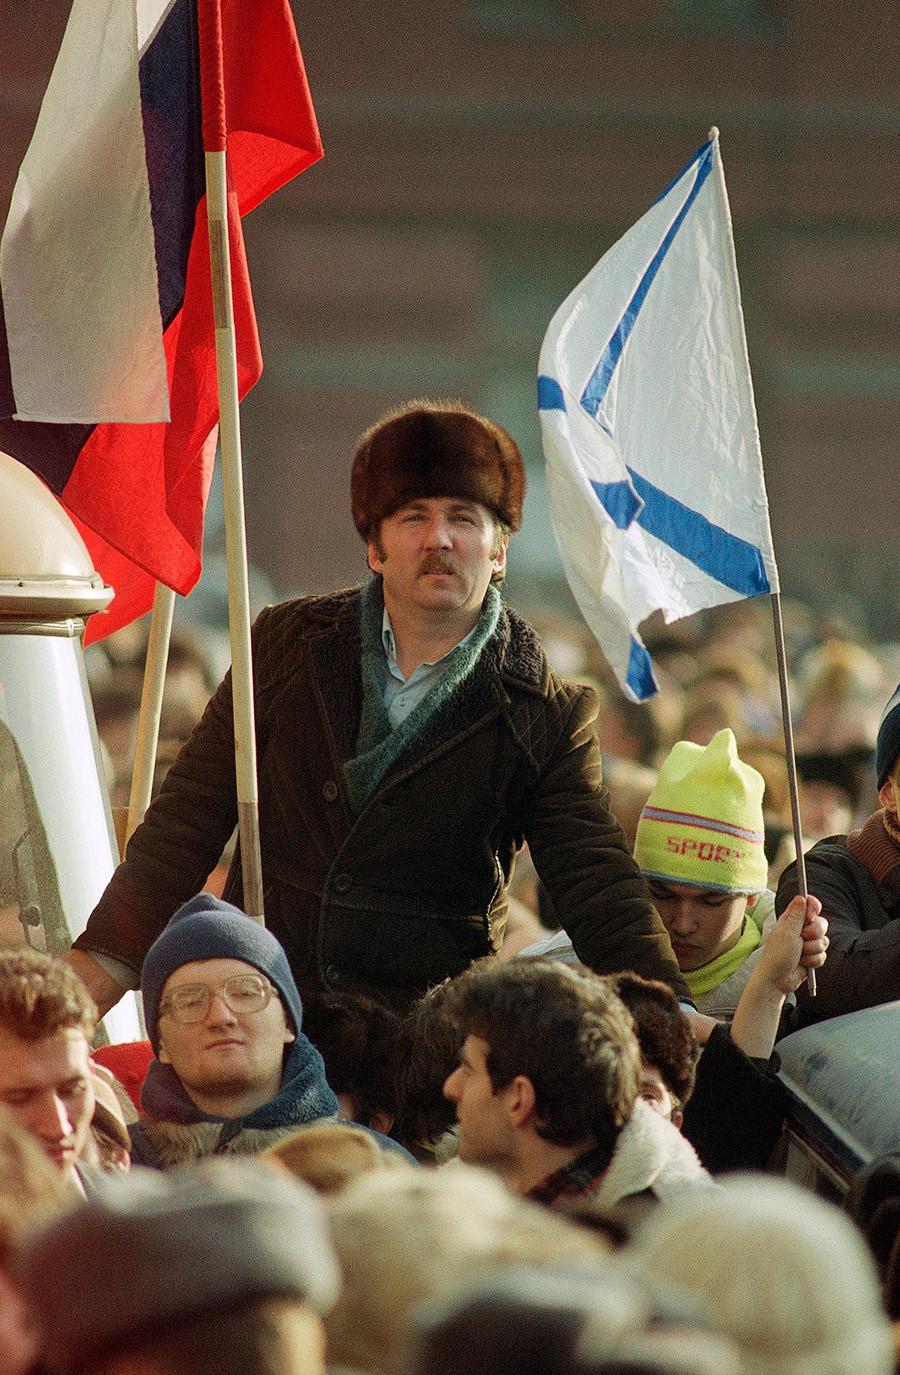 Учесник масовних демонстрација за демократију покушава да чује шта кажу говорници. Москва, 4. фебруар 1990.